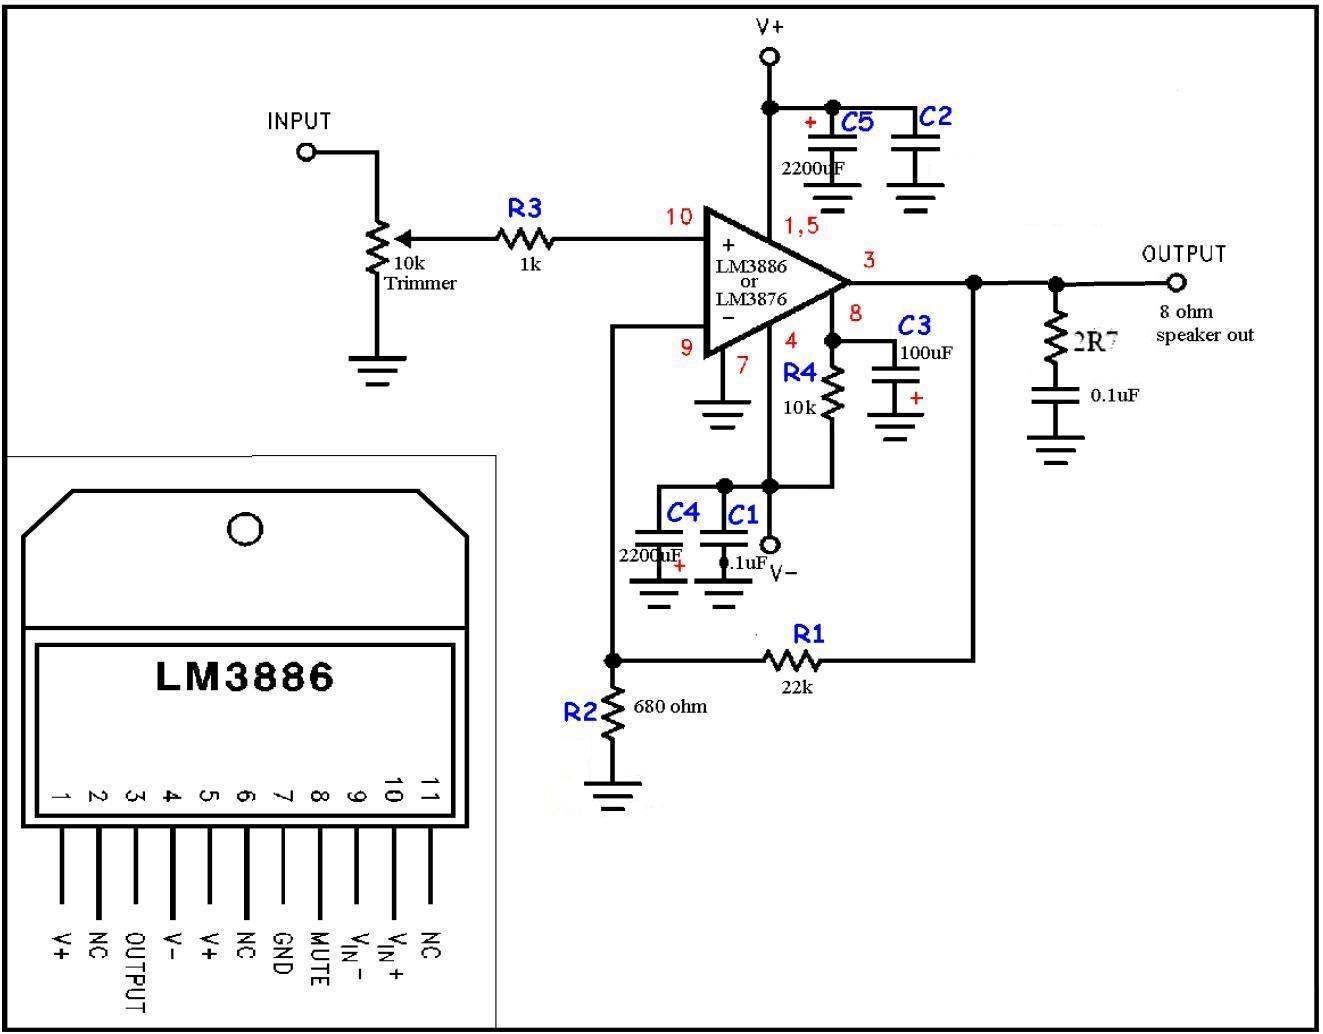 Calculating Cathode Follower Using 12au7 For 90v Supply